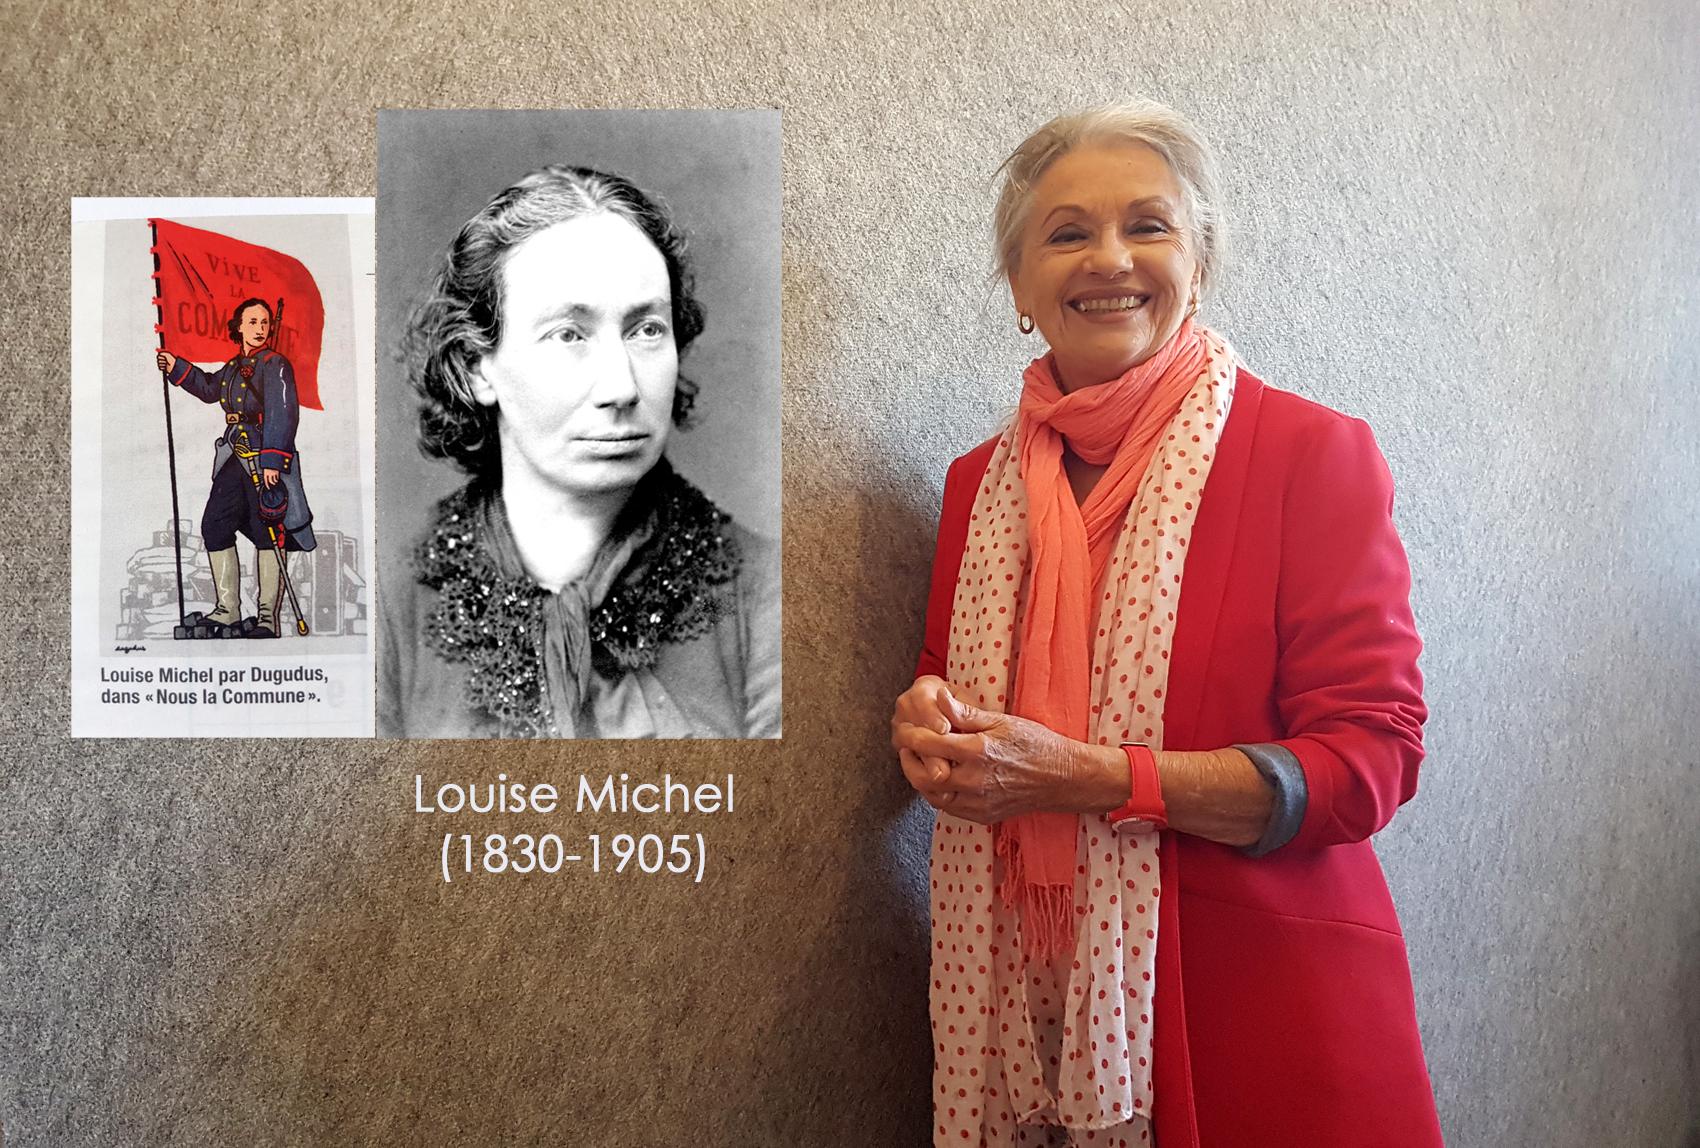 Louise Michel (1830-1905) et Jacqueline Hennegrave